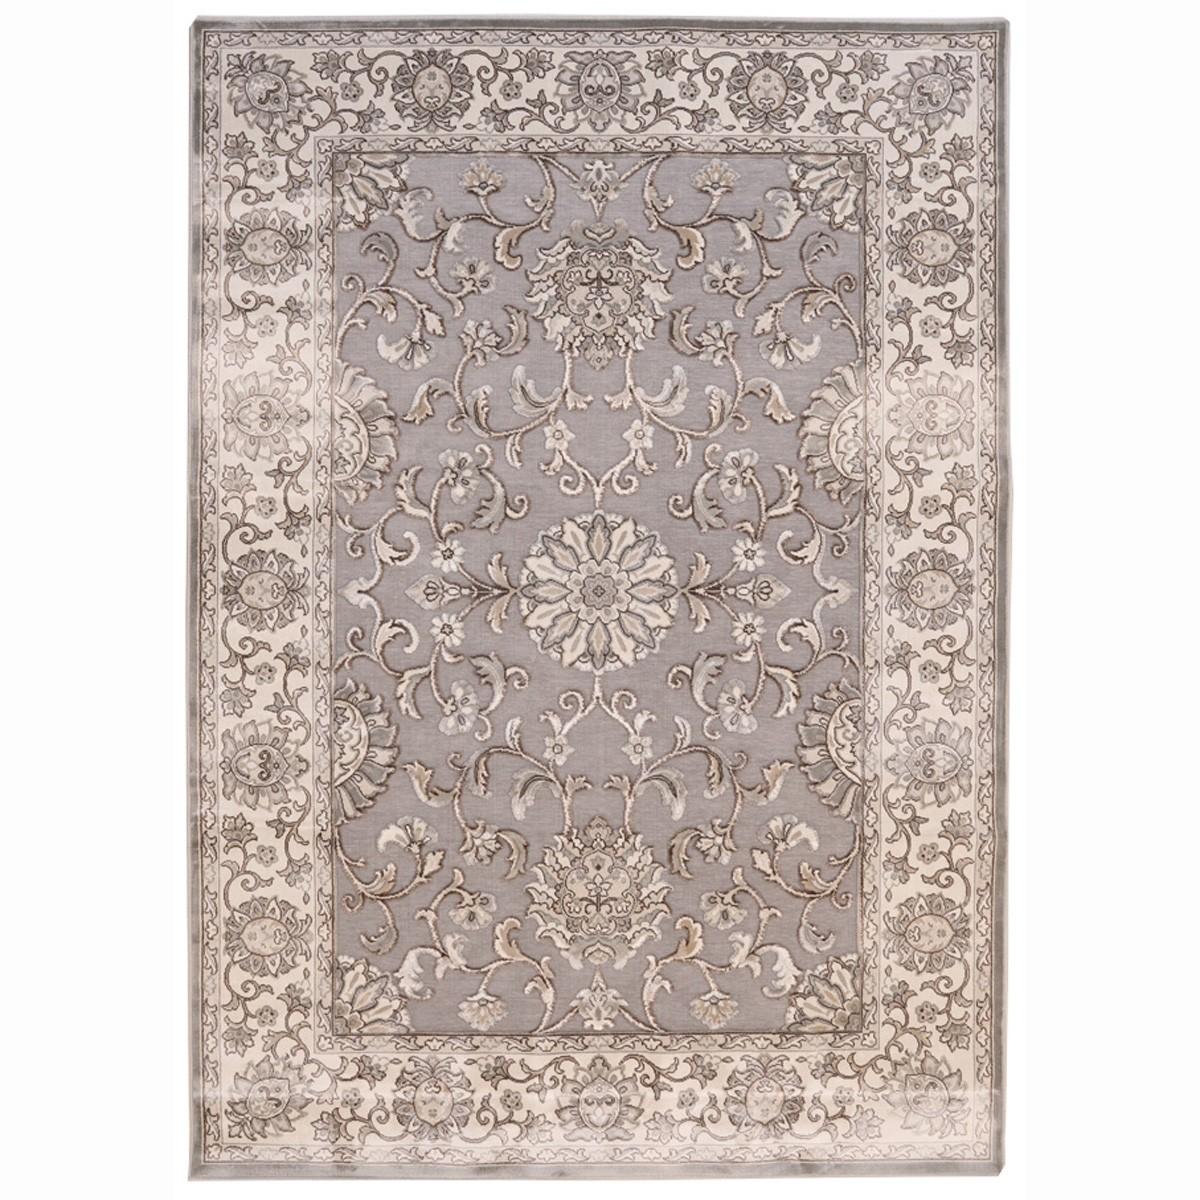 Καλοκαιρινό Χαλί (200x250) Royal Carpets Tiffany Ice 939 Blue